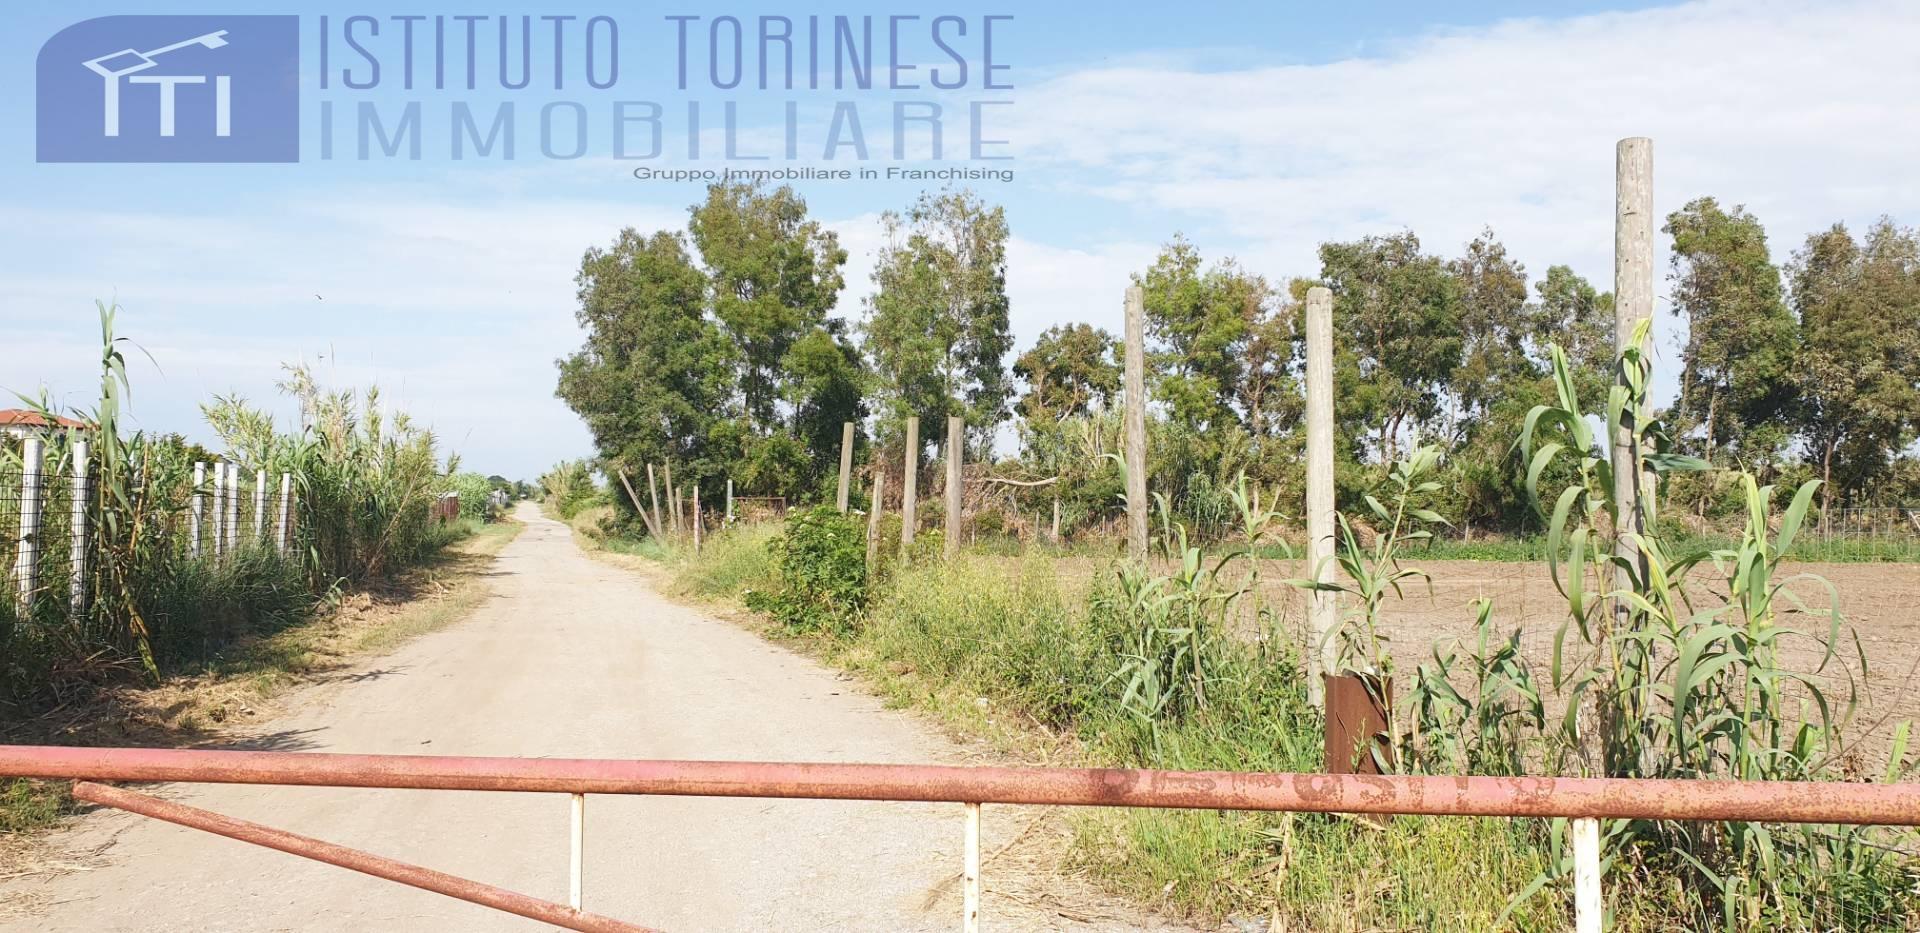 Terreno Agricolo in vendita a Giugliano in Campania, 9999 locali, prezzo € 127.000   CambioCasa.it